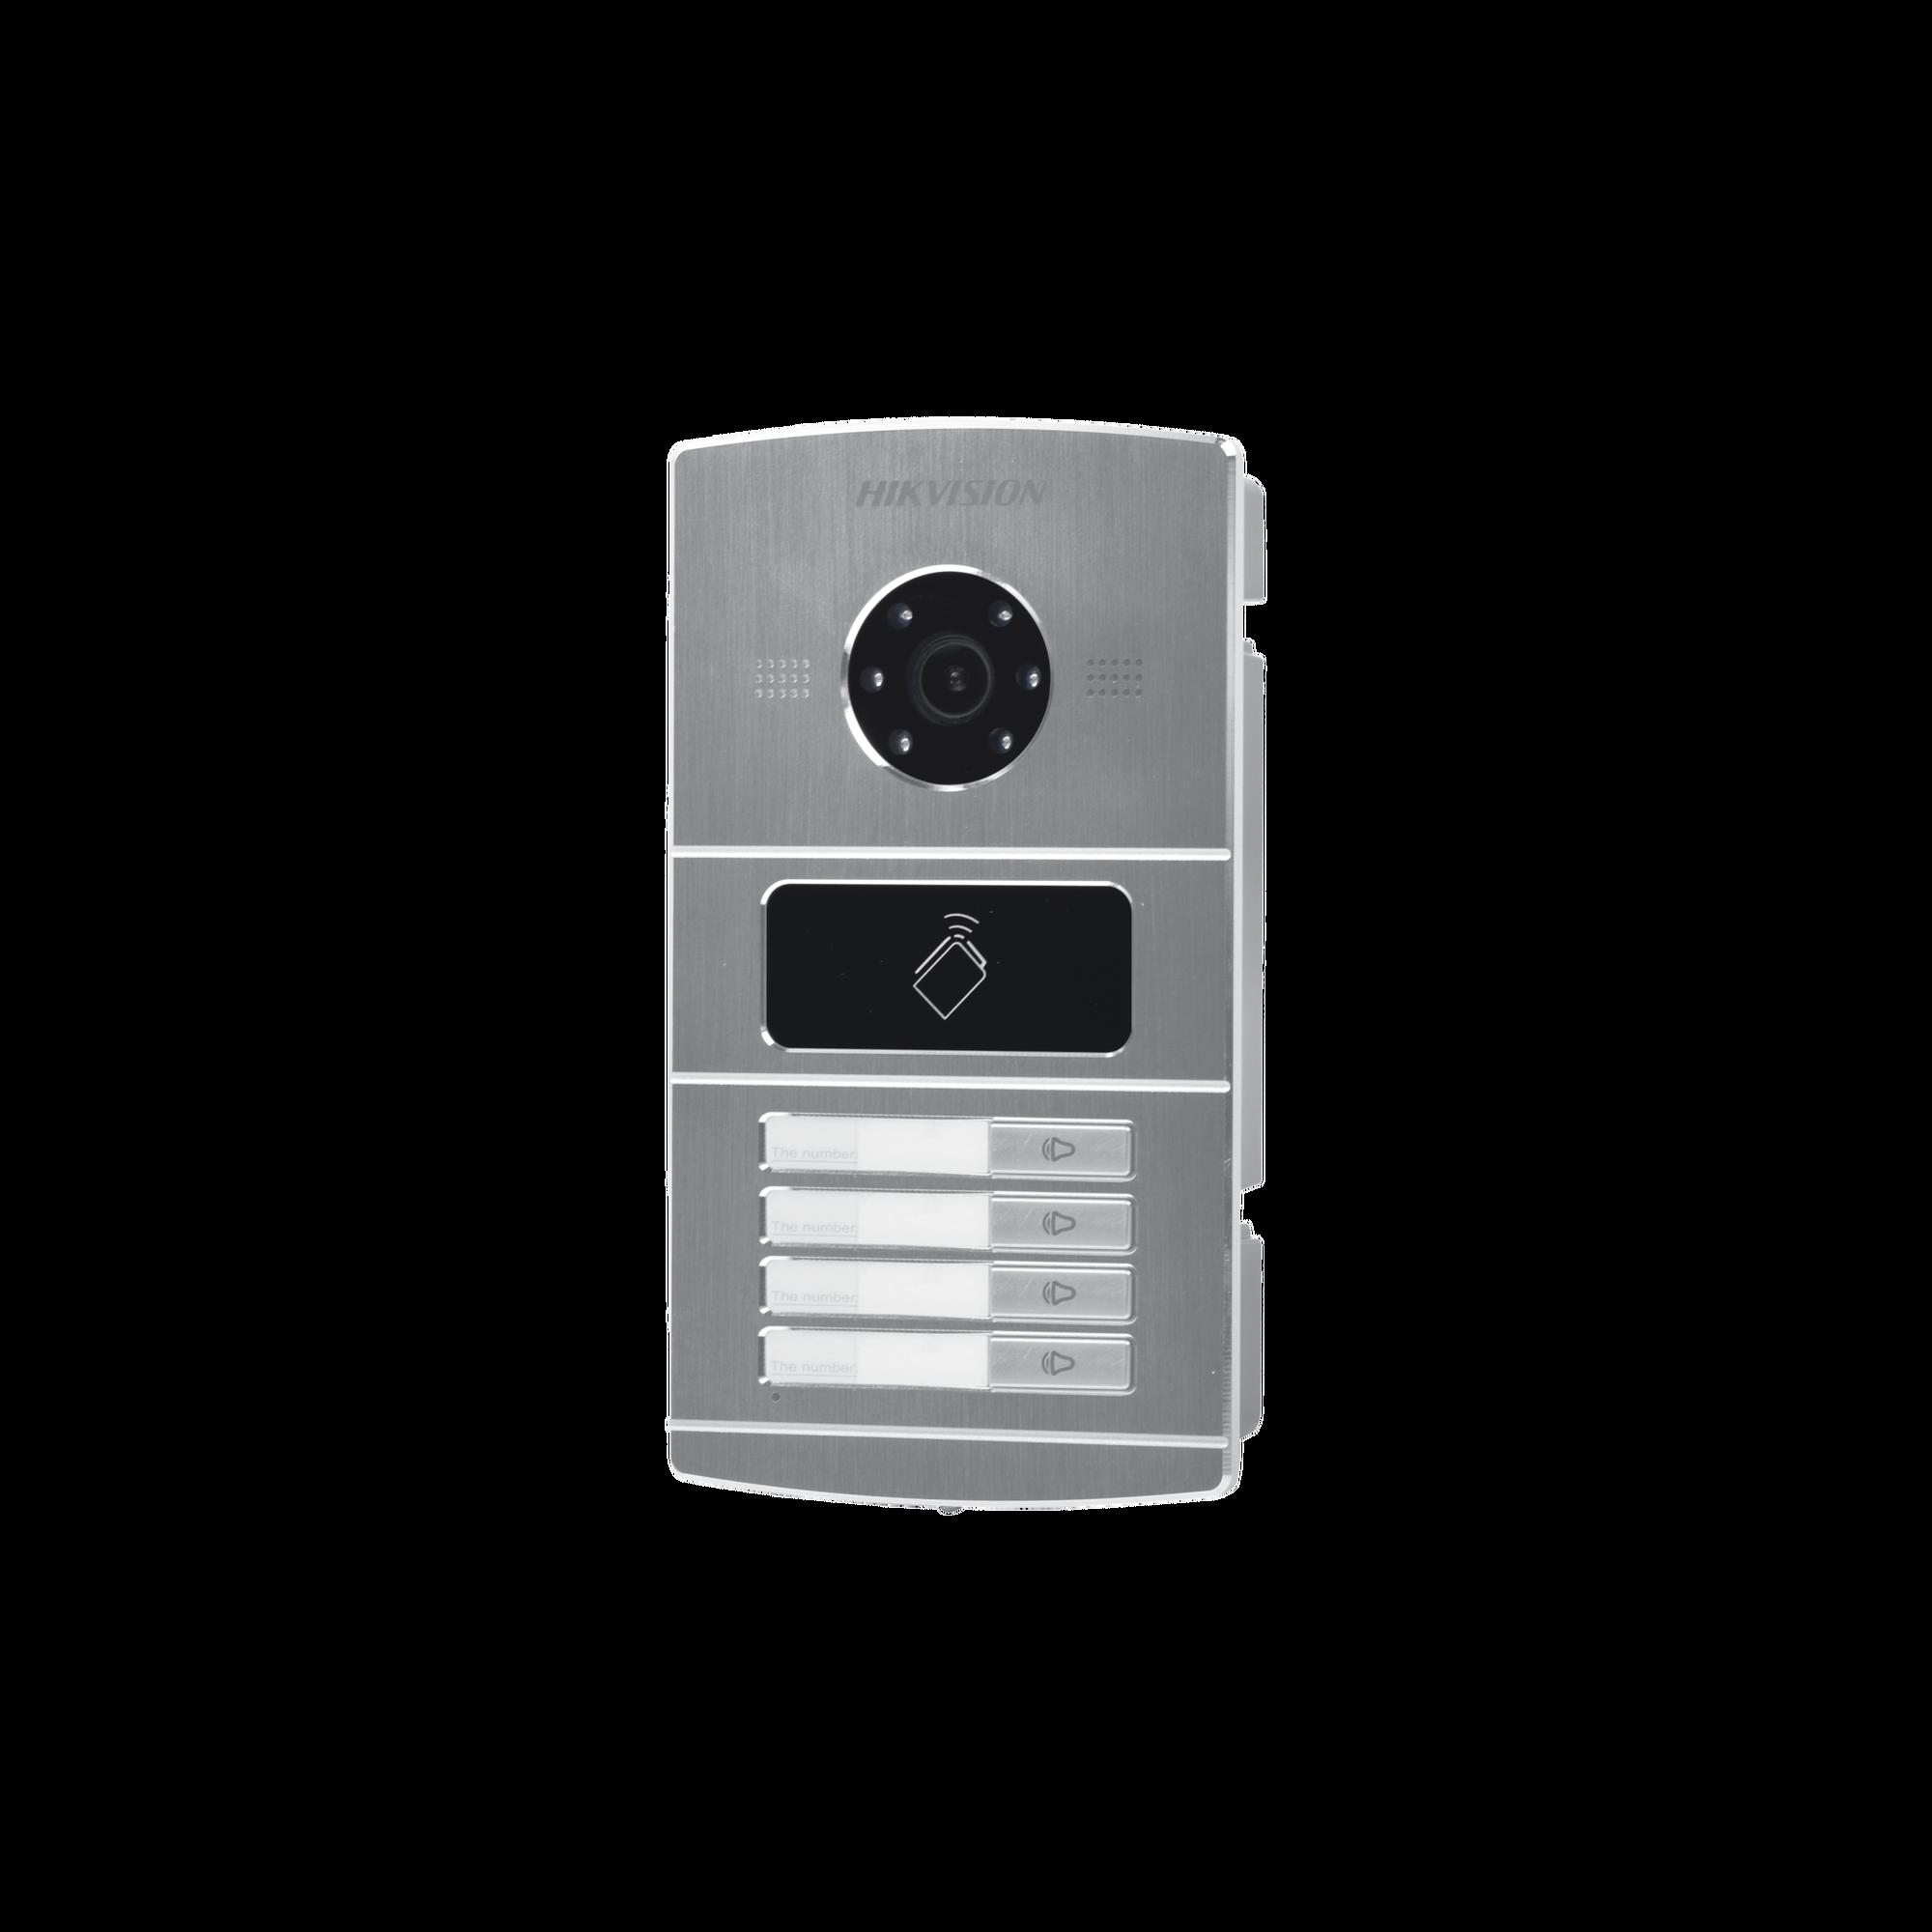 Frente de Calle IP 1.3 Megapixel / Lector de Tarjetas MIFARE para Función de Acceso / Metal / Sistema de 4 Apartamentos